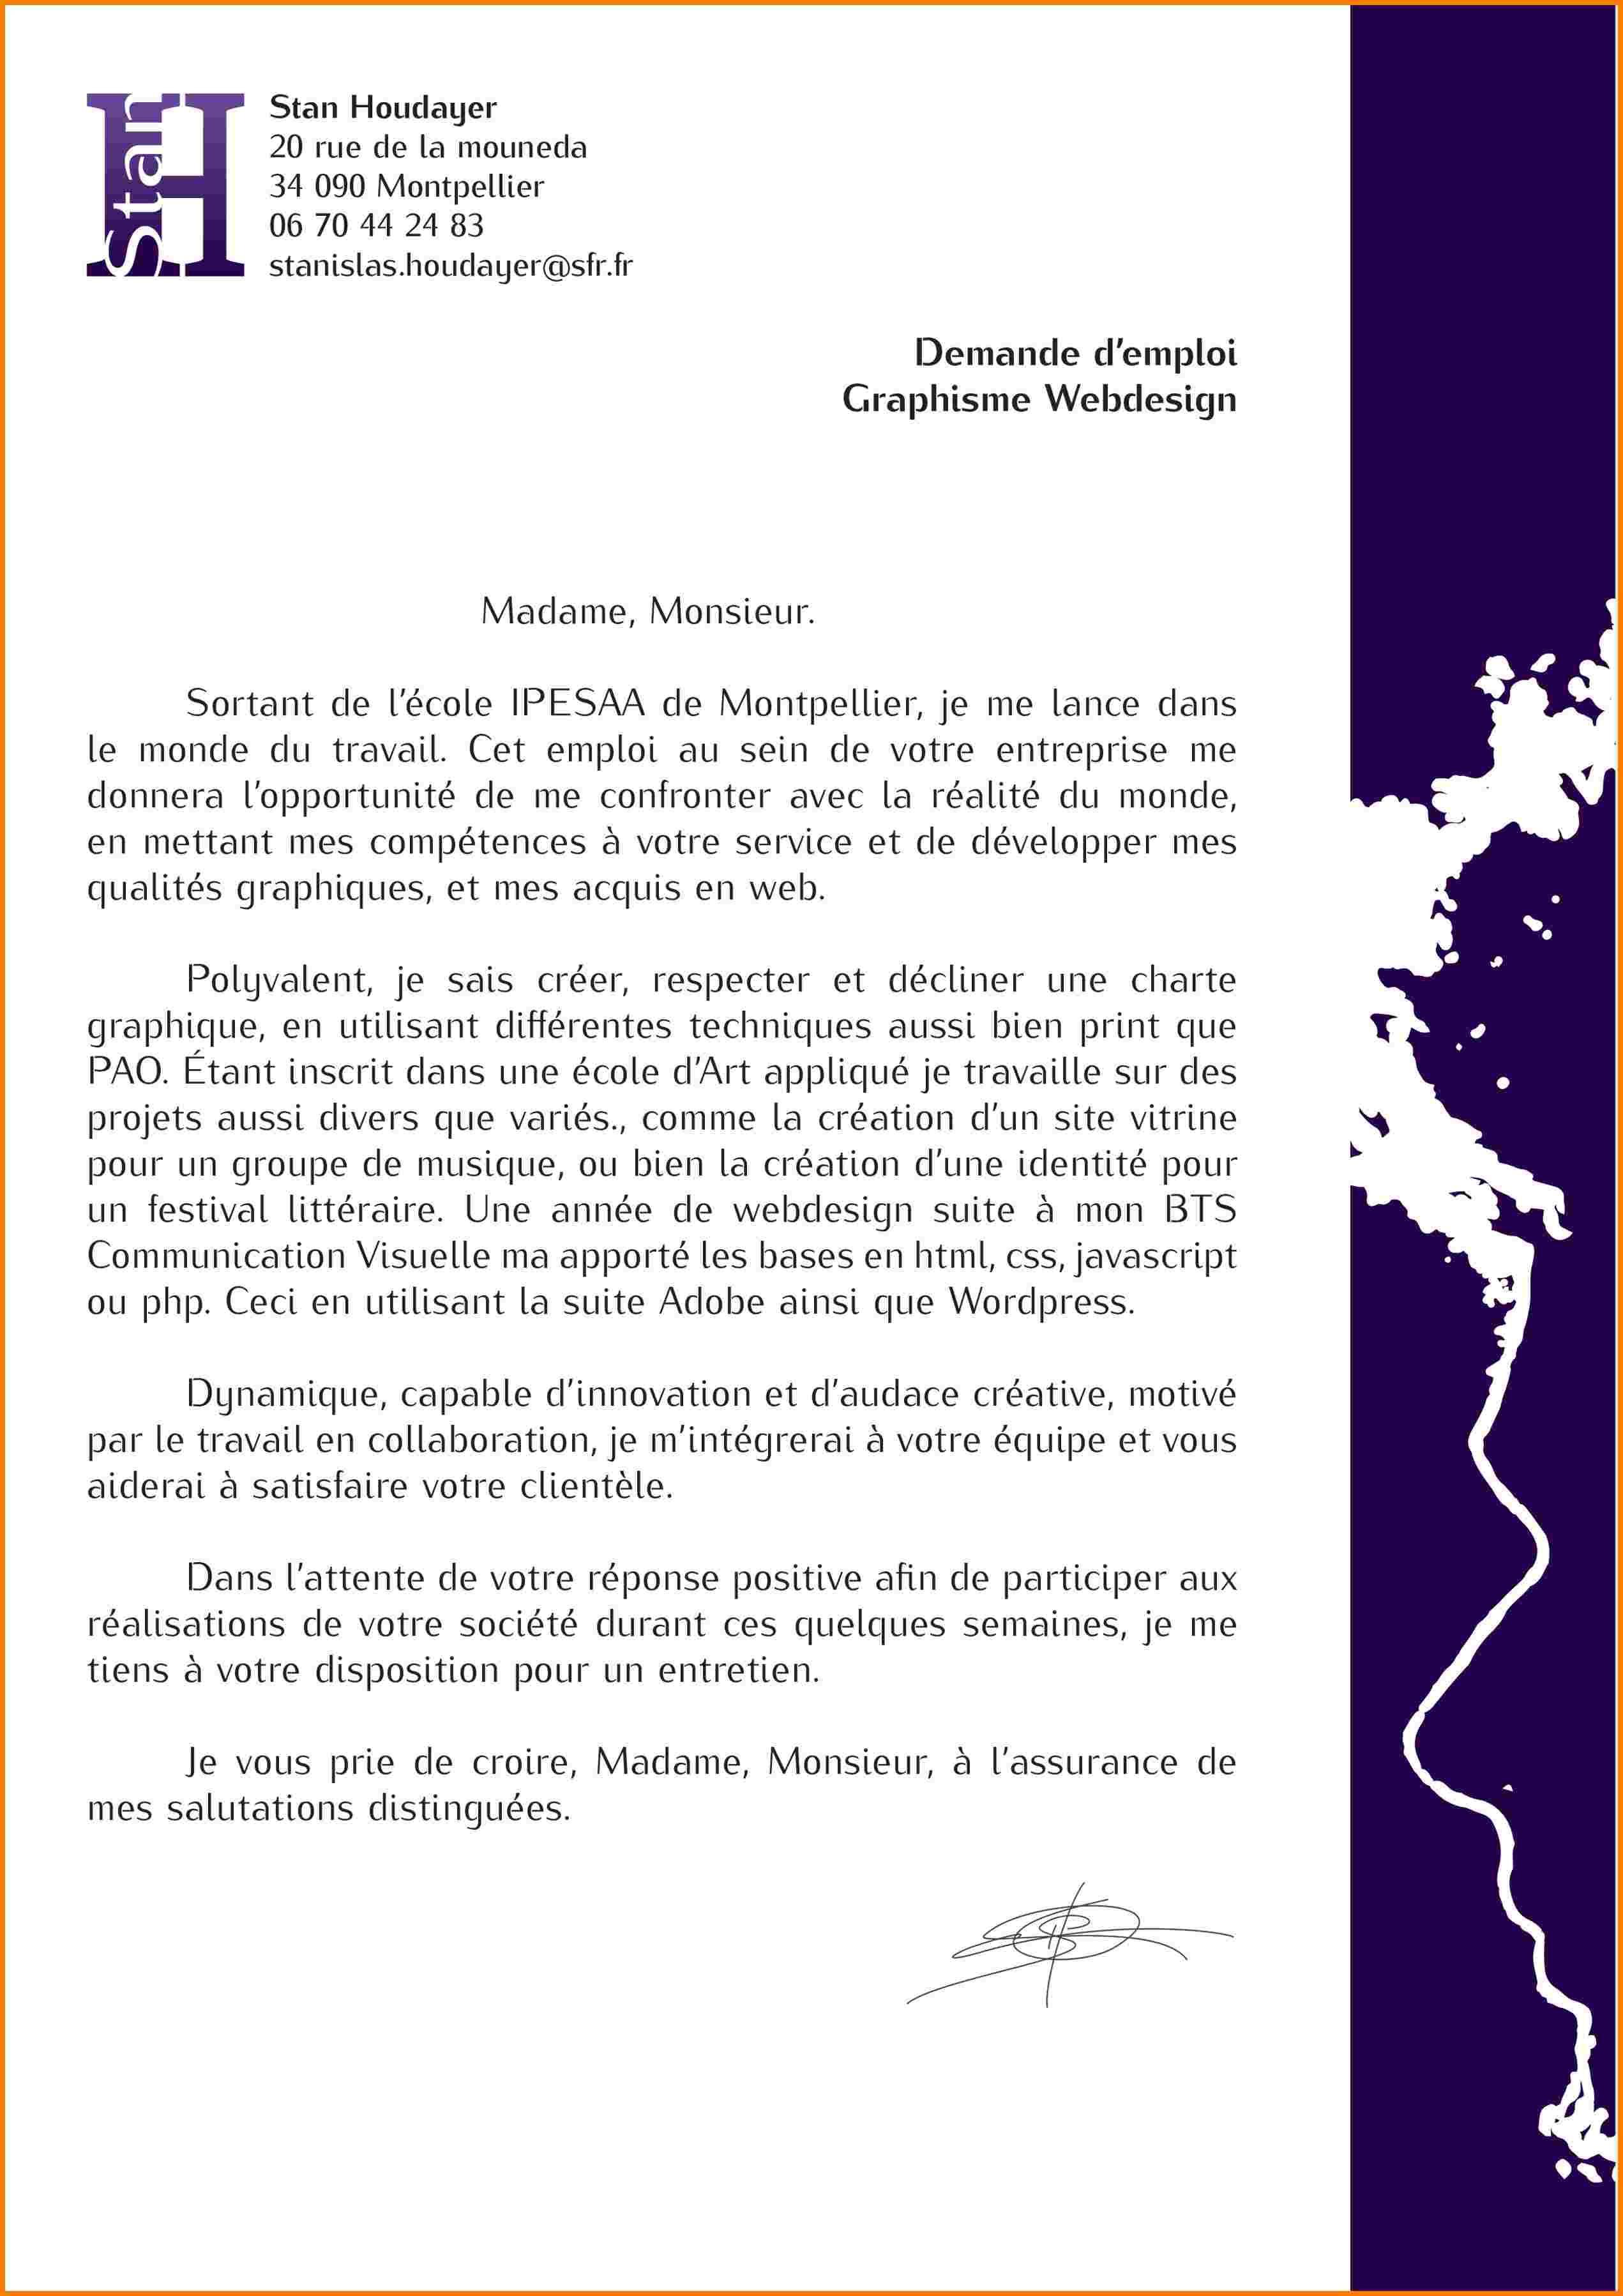 Lettre de motivation ecole de design graphique - laboite-cv.fr